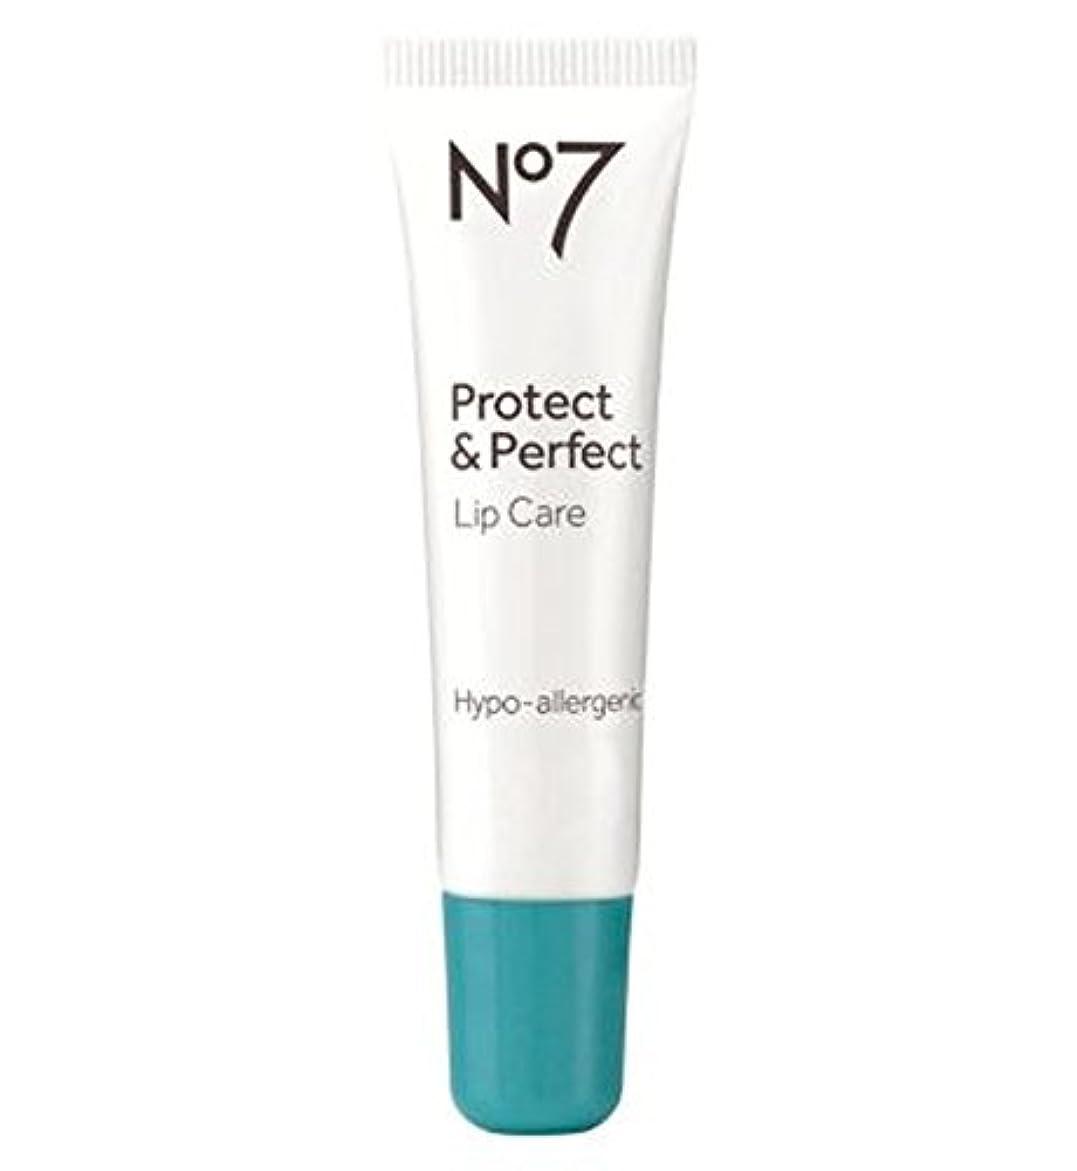 テレマコス愛人豊富にNo7 Protect & Perfect Lip Care 10ml - No7保護&完璧なリップケア10ミリリットル (No7) [並行輸入品]